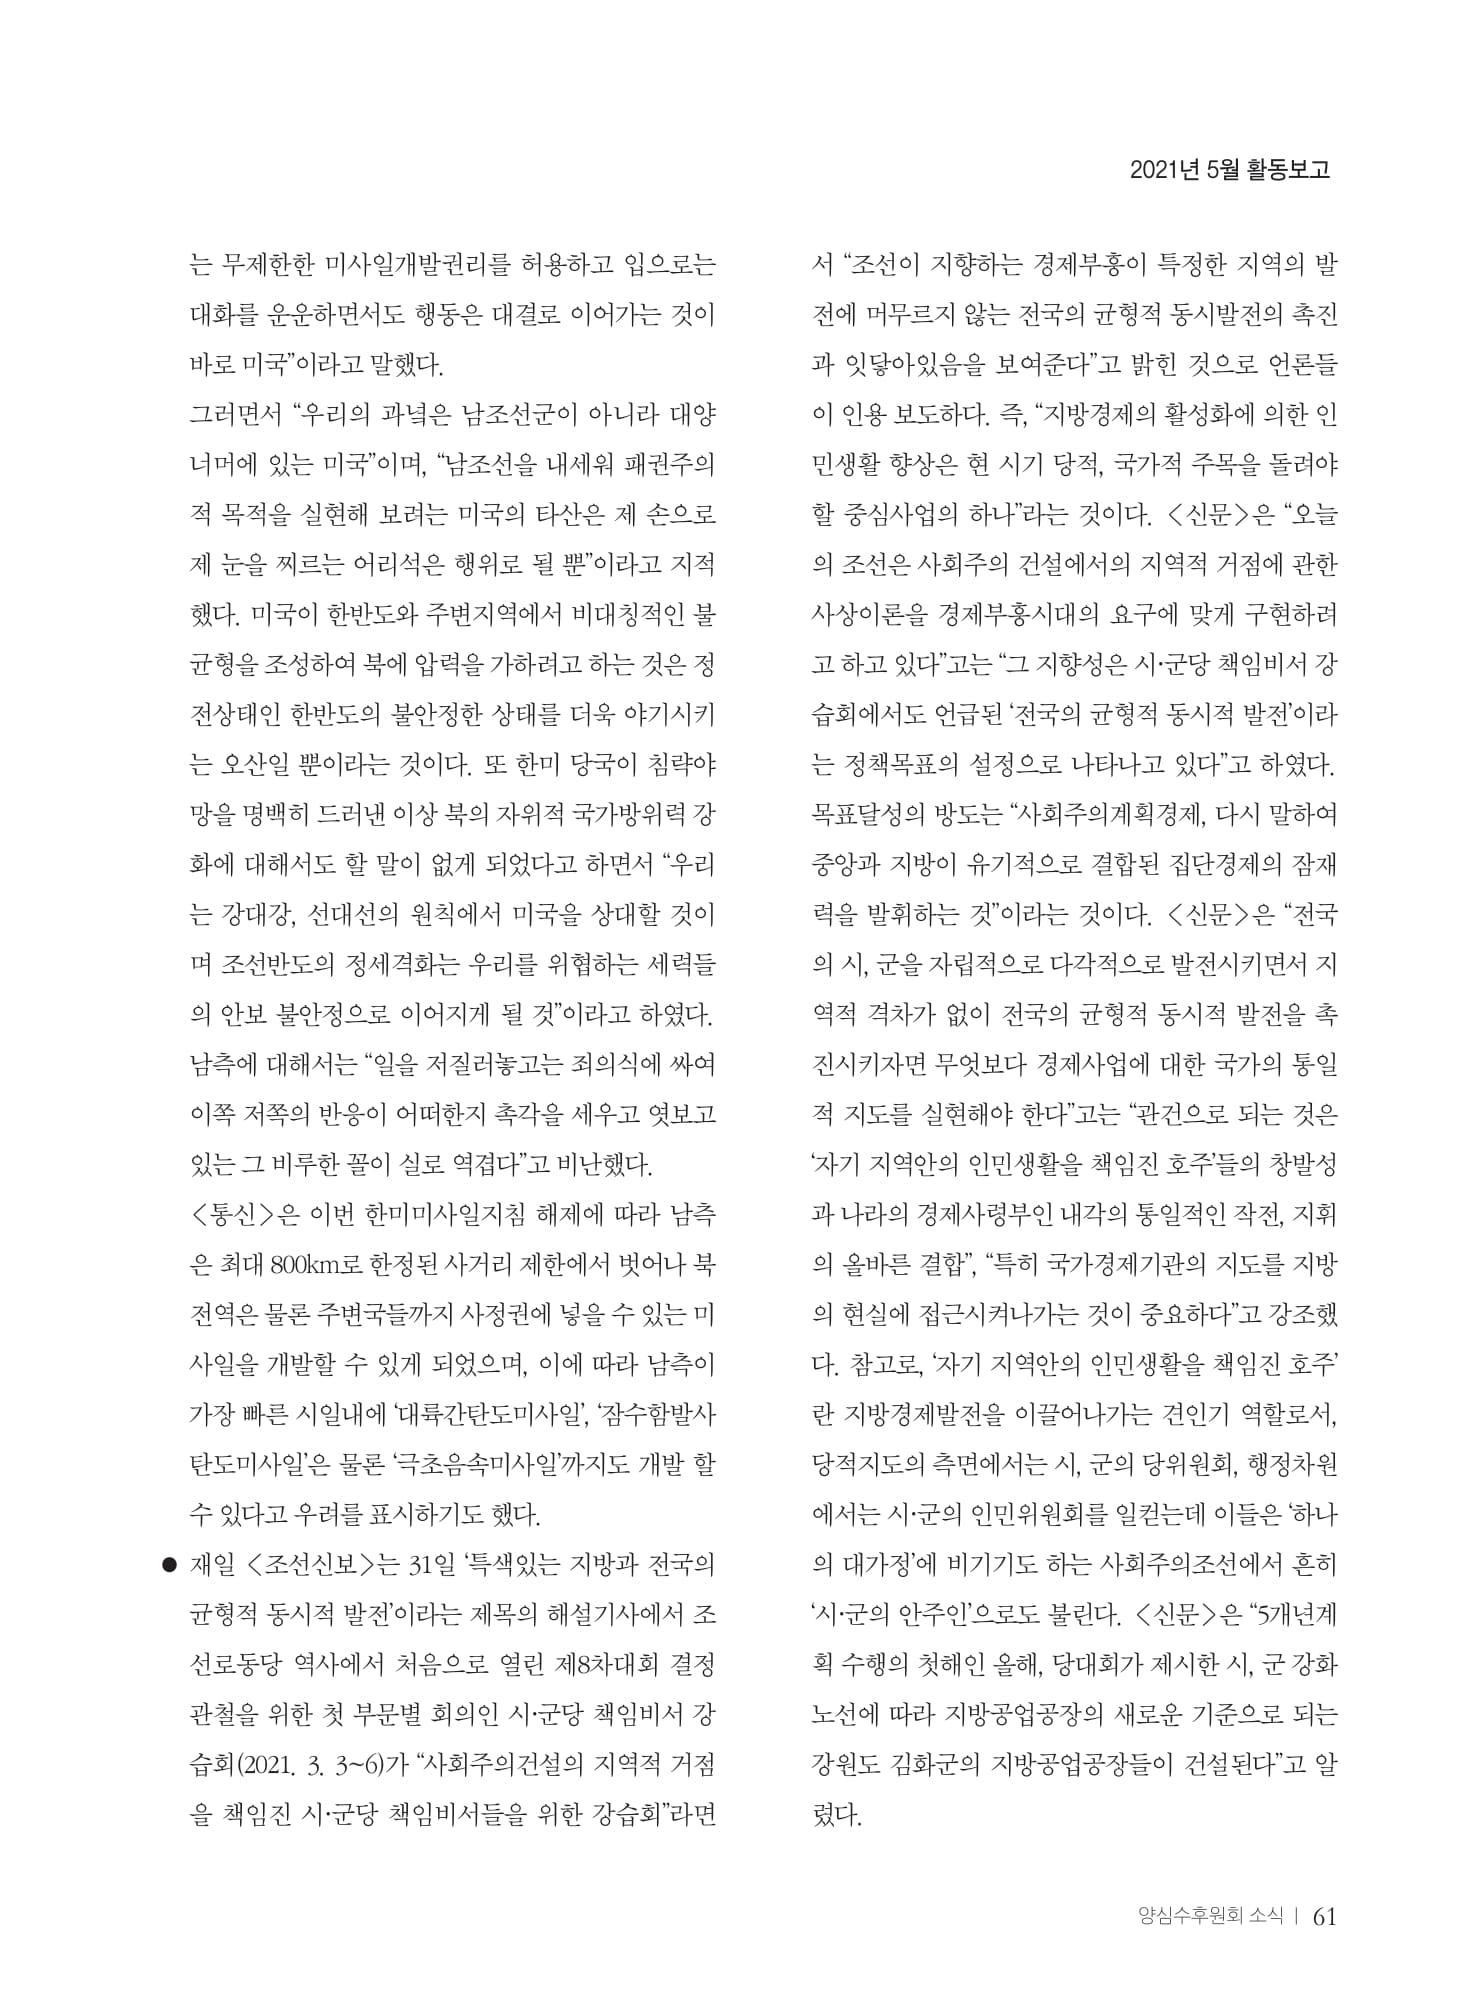 [양심수후원회] 소식지 354호 web 수정-63.jpg